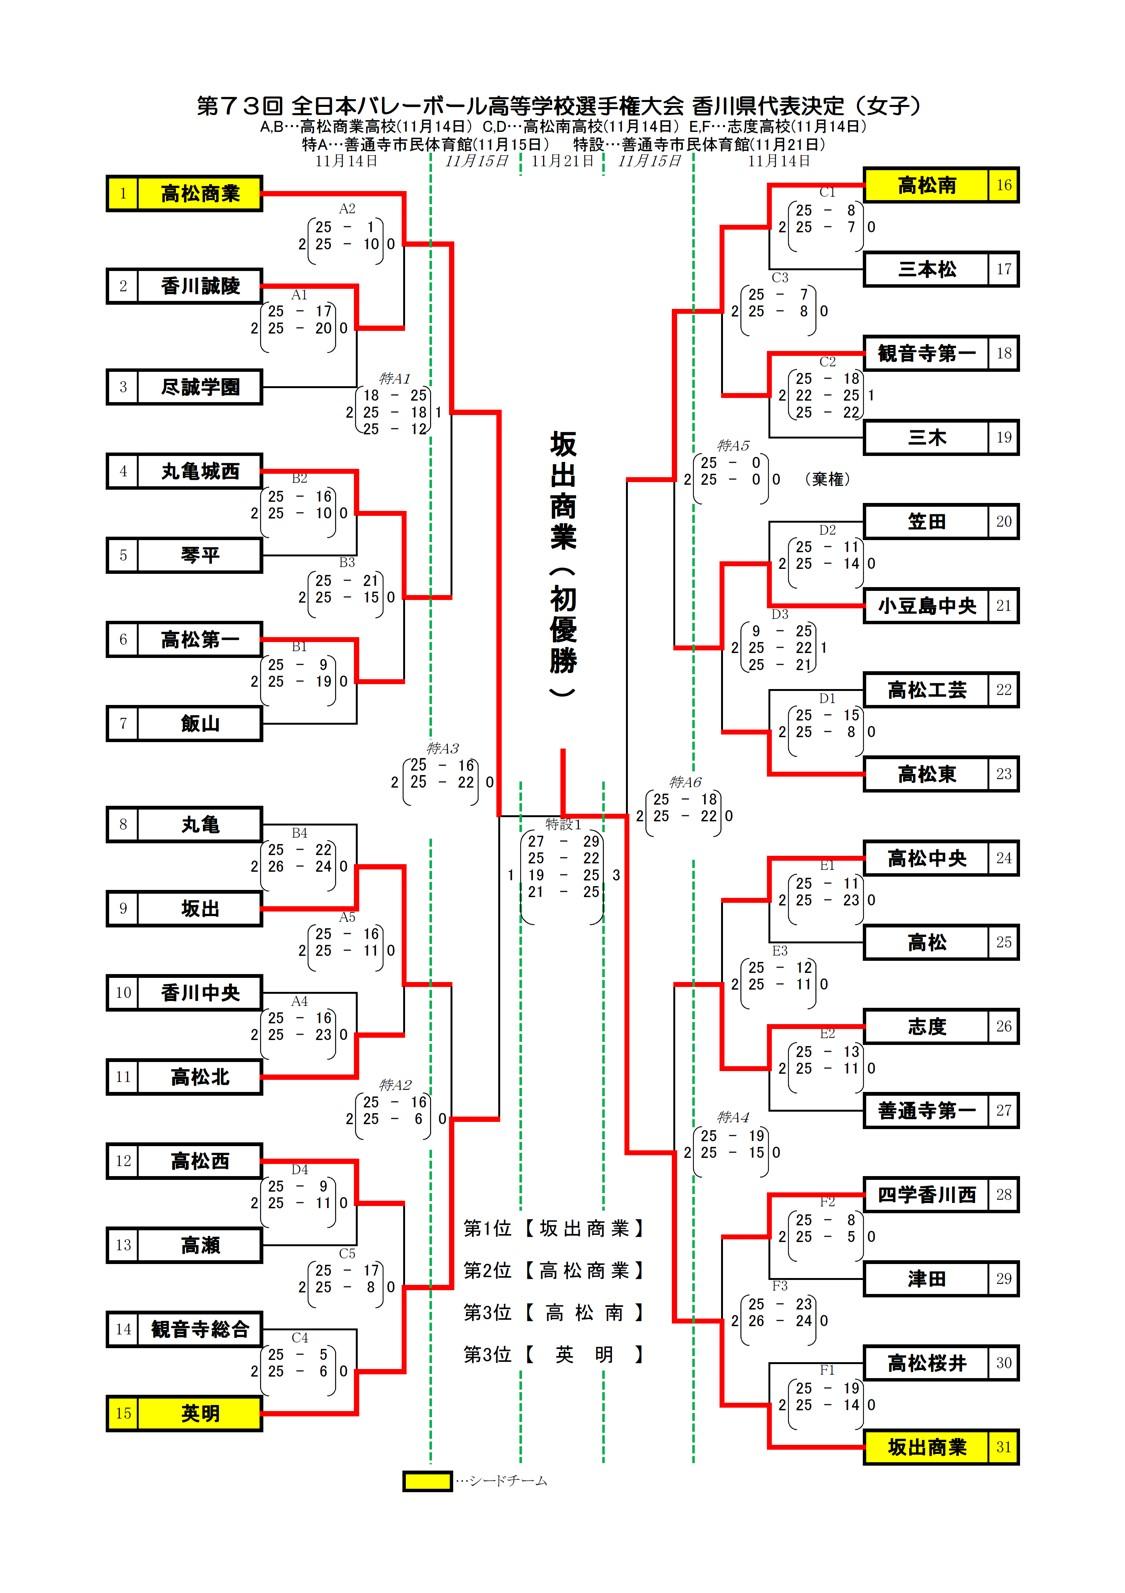 2020年度_全日本高校選手権_香川予選_女子_最終結果